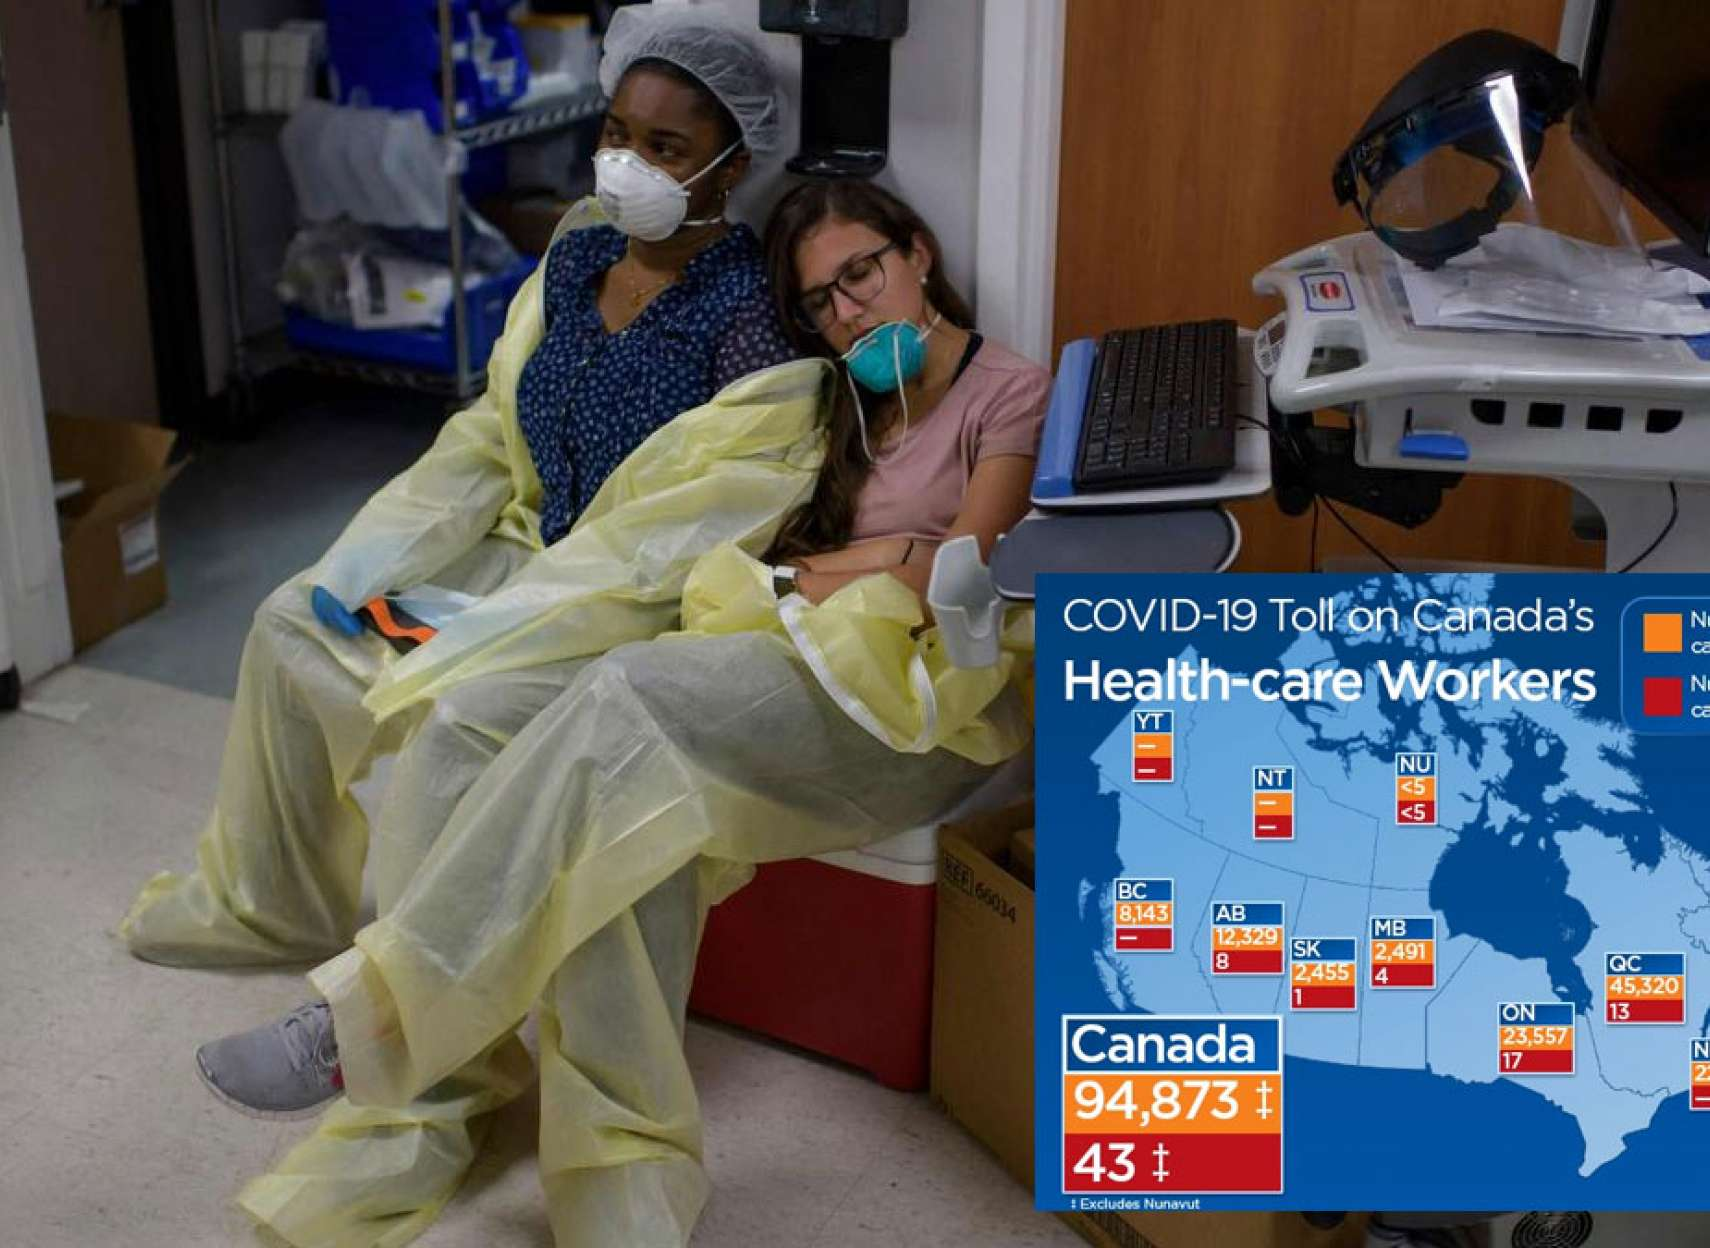 خبر-کانادا-حدود-۹۵۰۰۰-نفر-از-کادر-درمانی-کانادا-کرونا-گرفته-اند